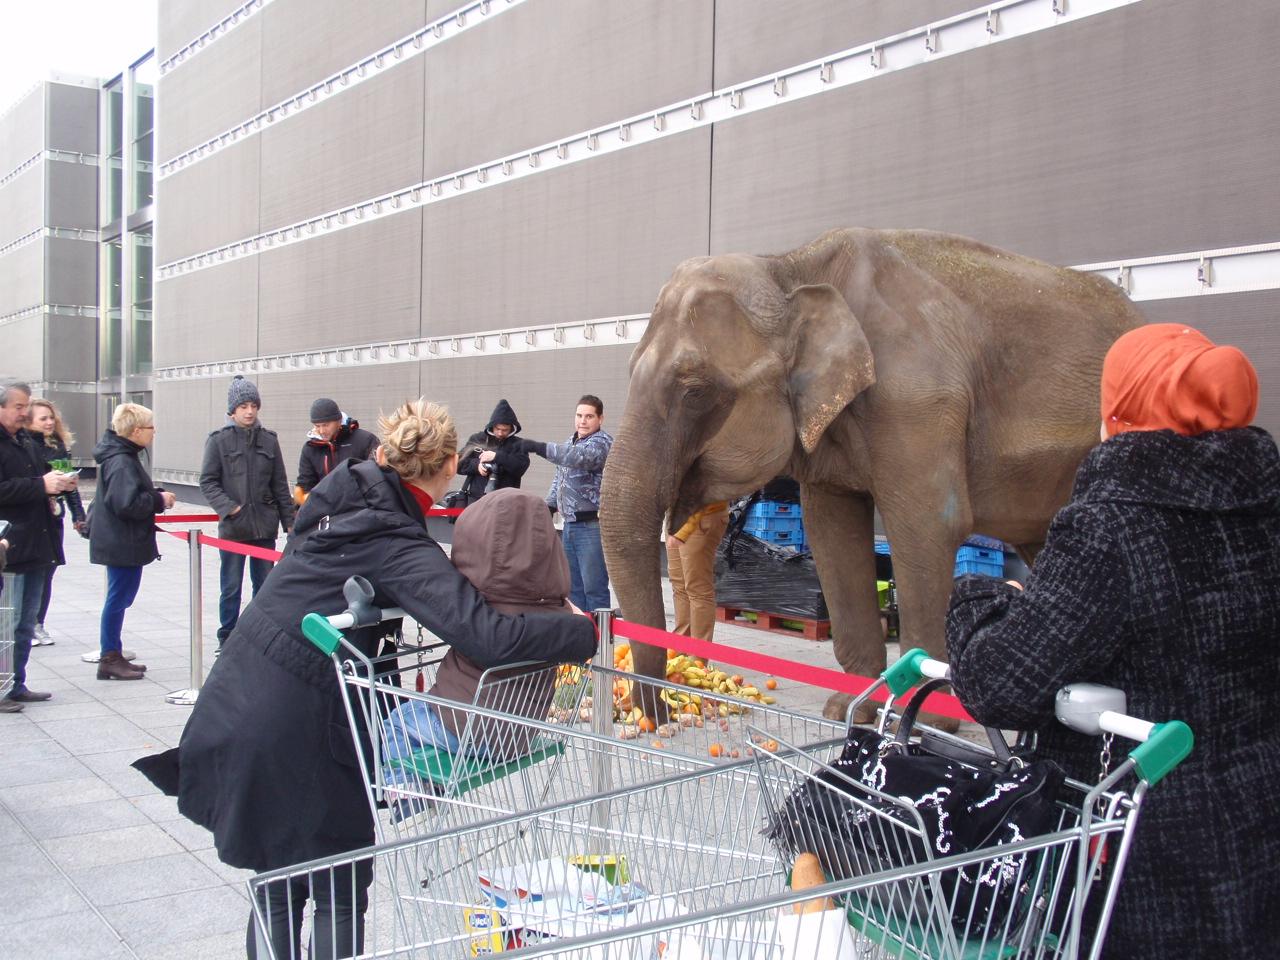 De la piste des géants à la piste aux esclaves : les éléphants